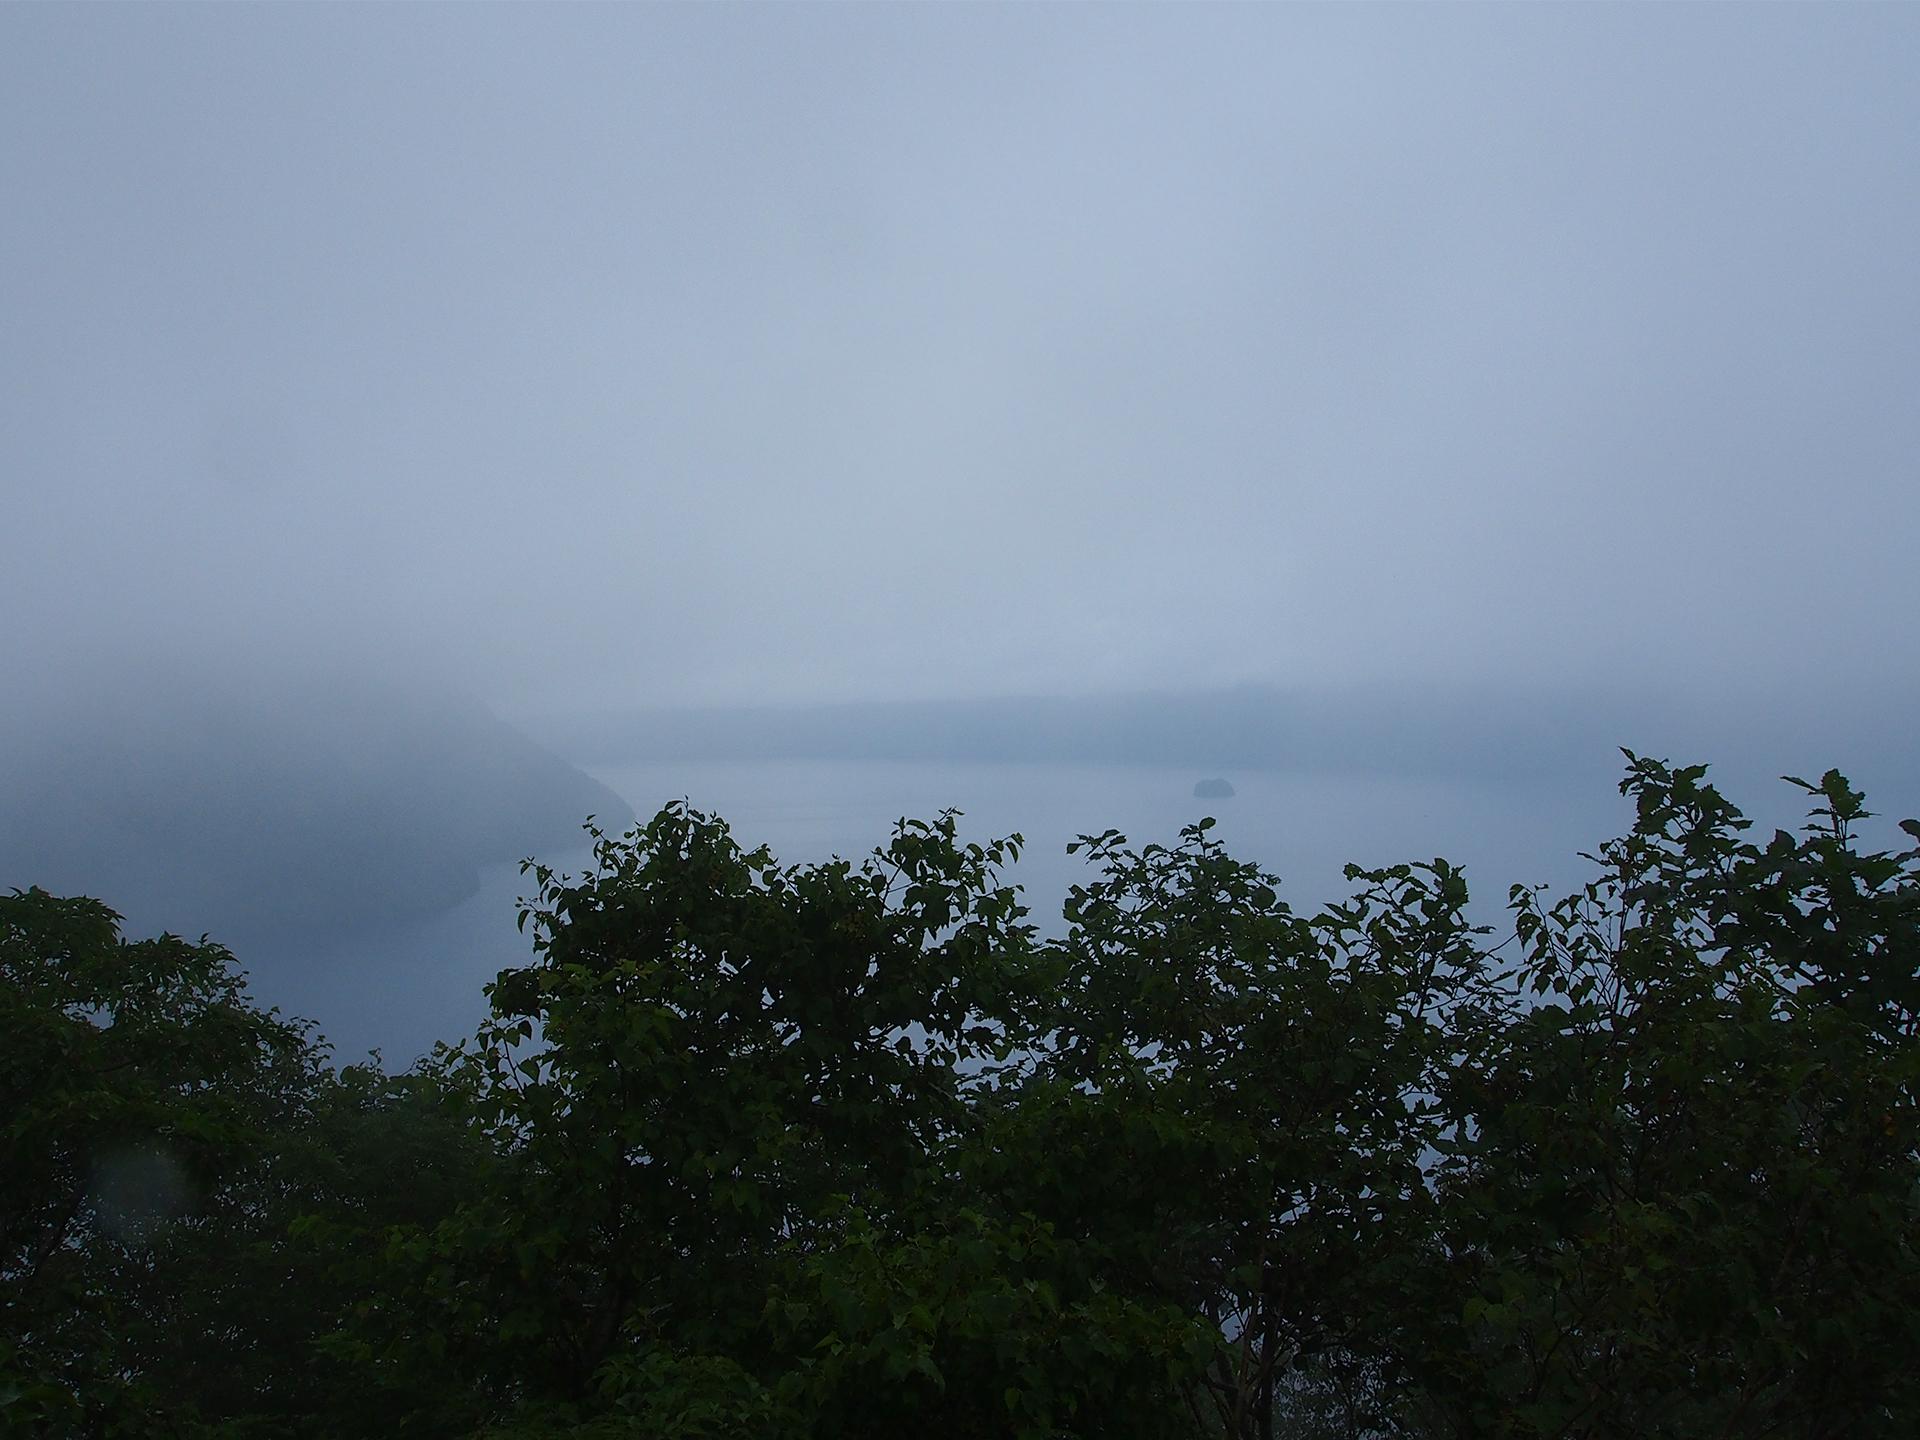 霧が漂う摩周湖